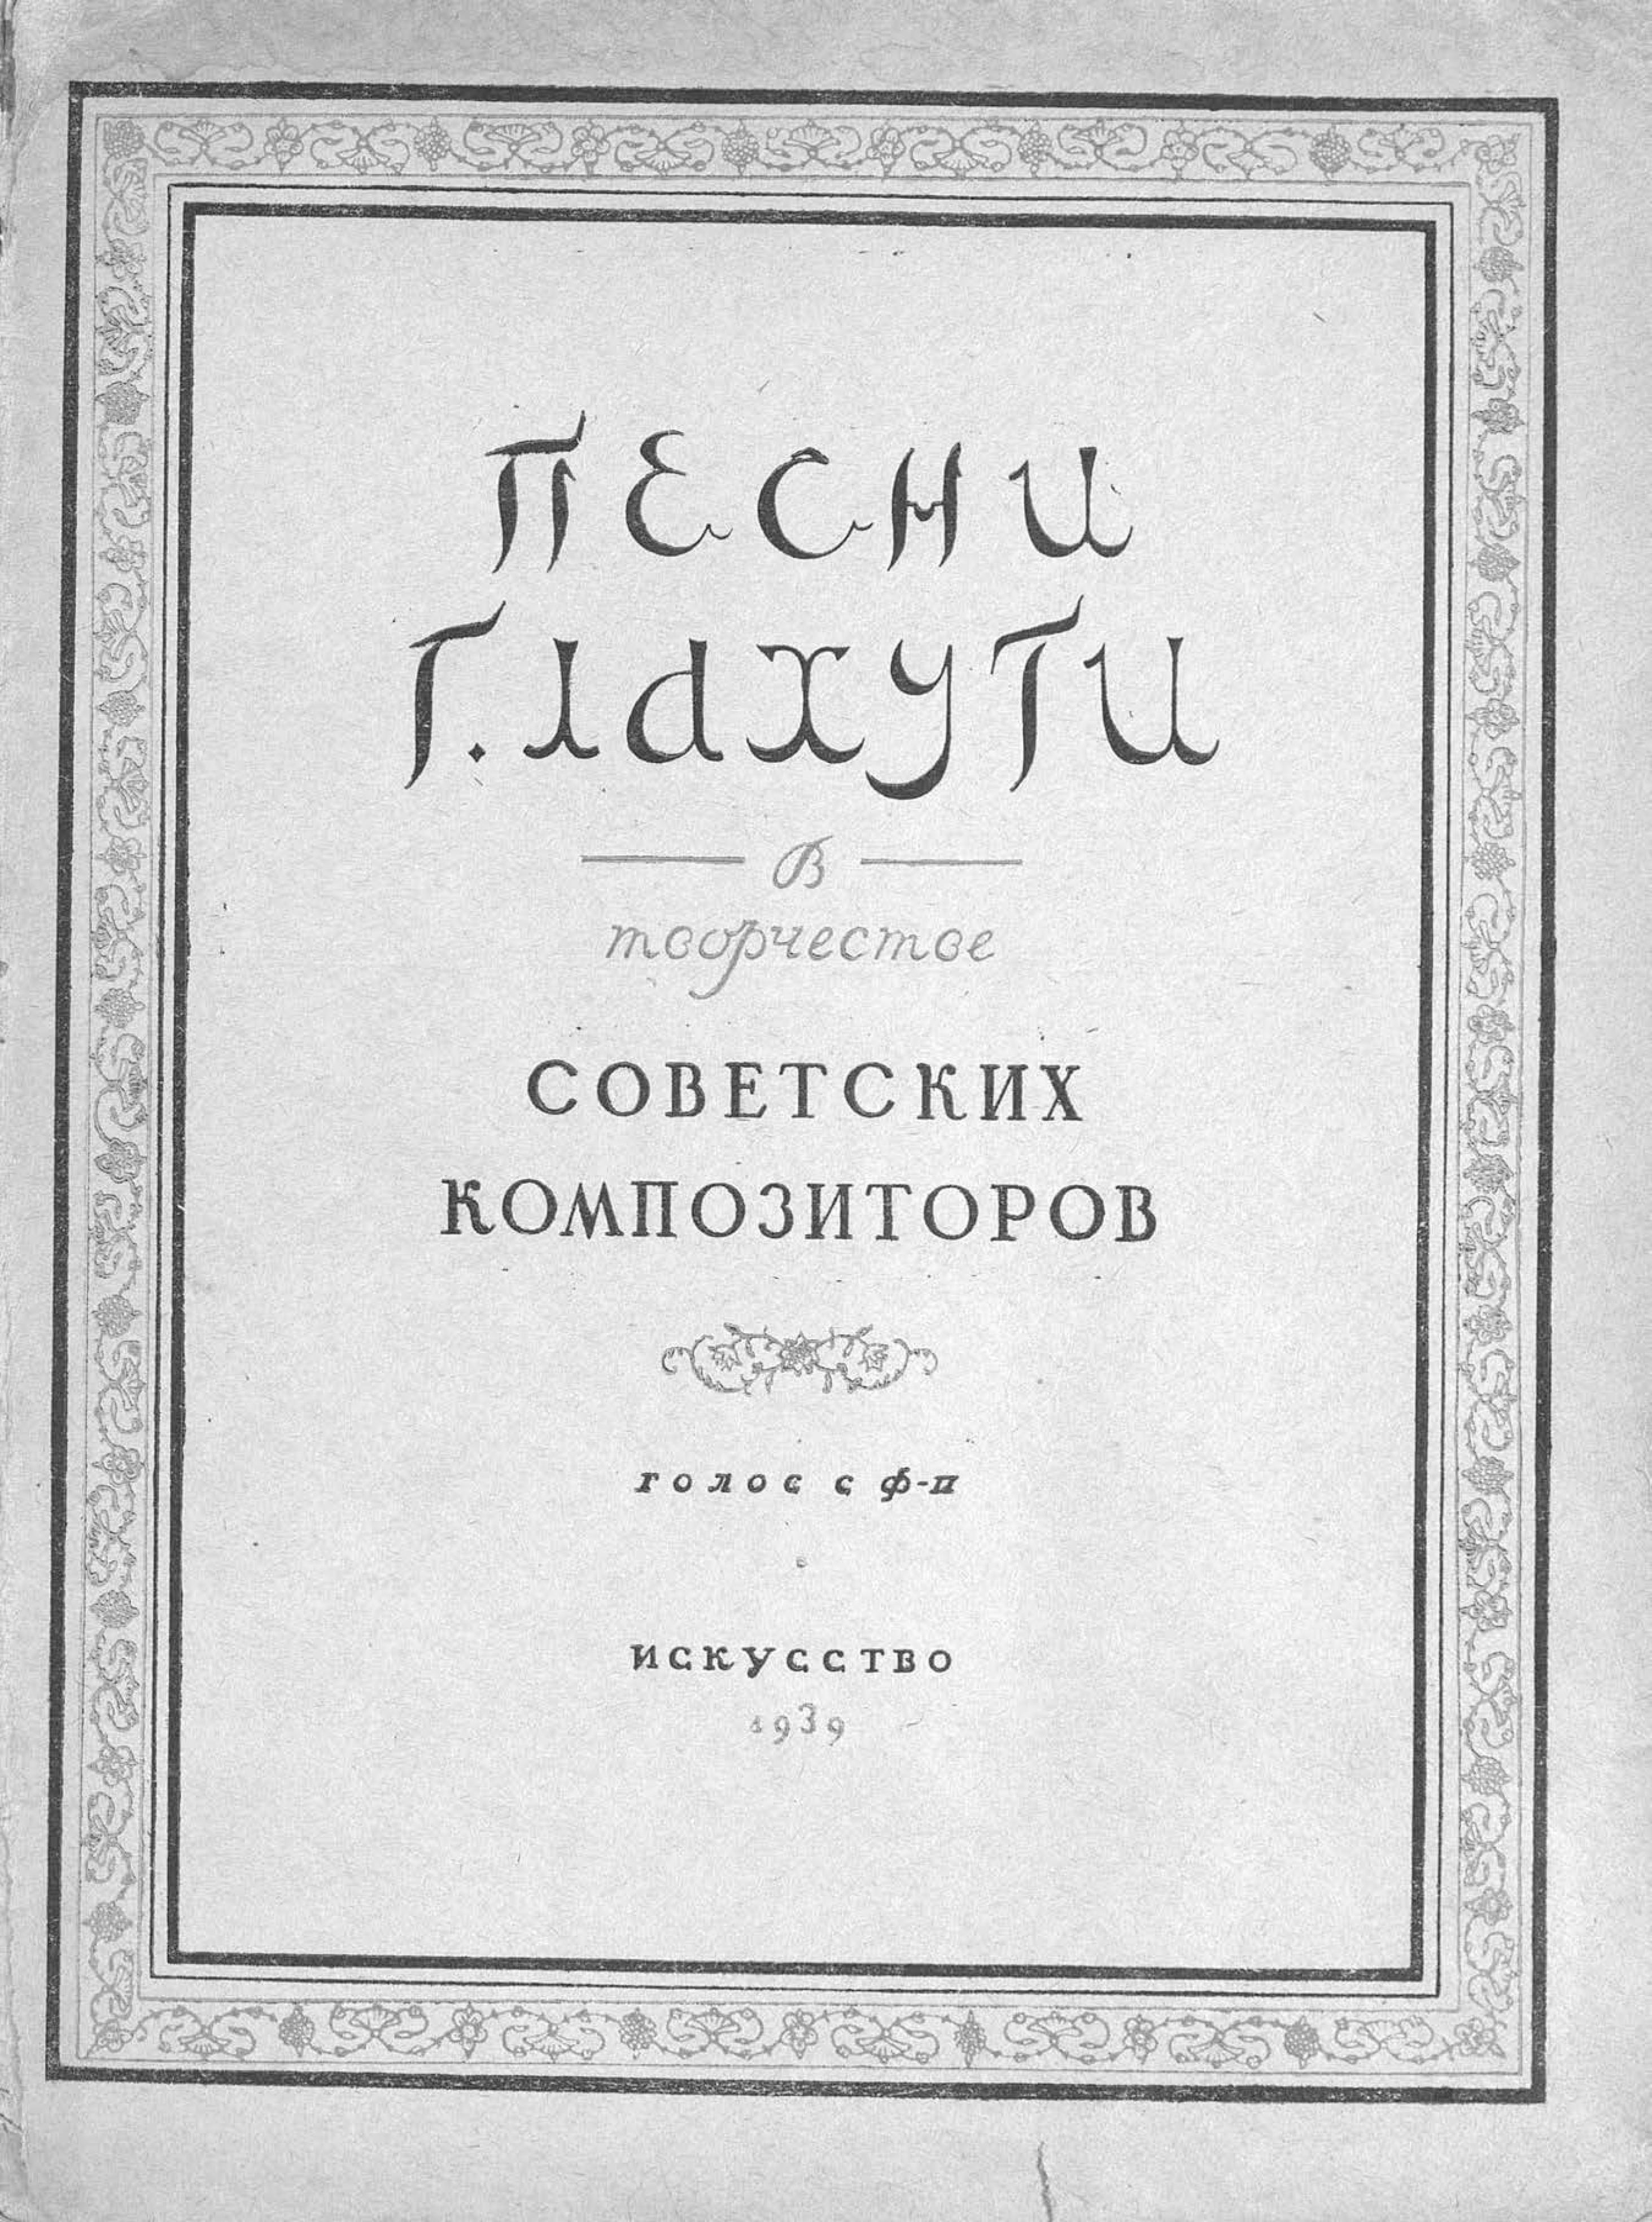 Народное творчество Песни Г. Лахути в творчестве советских композиторов народное творчество занимается день народные и казачьи песни